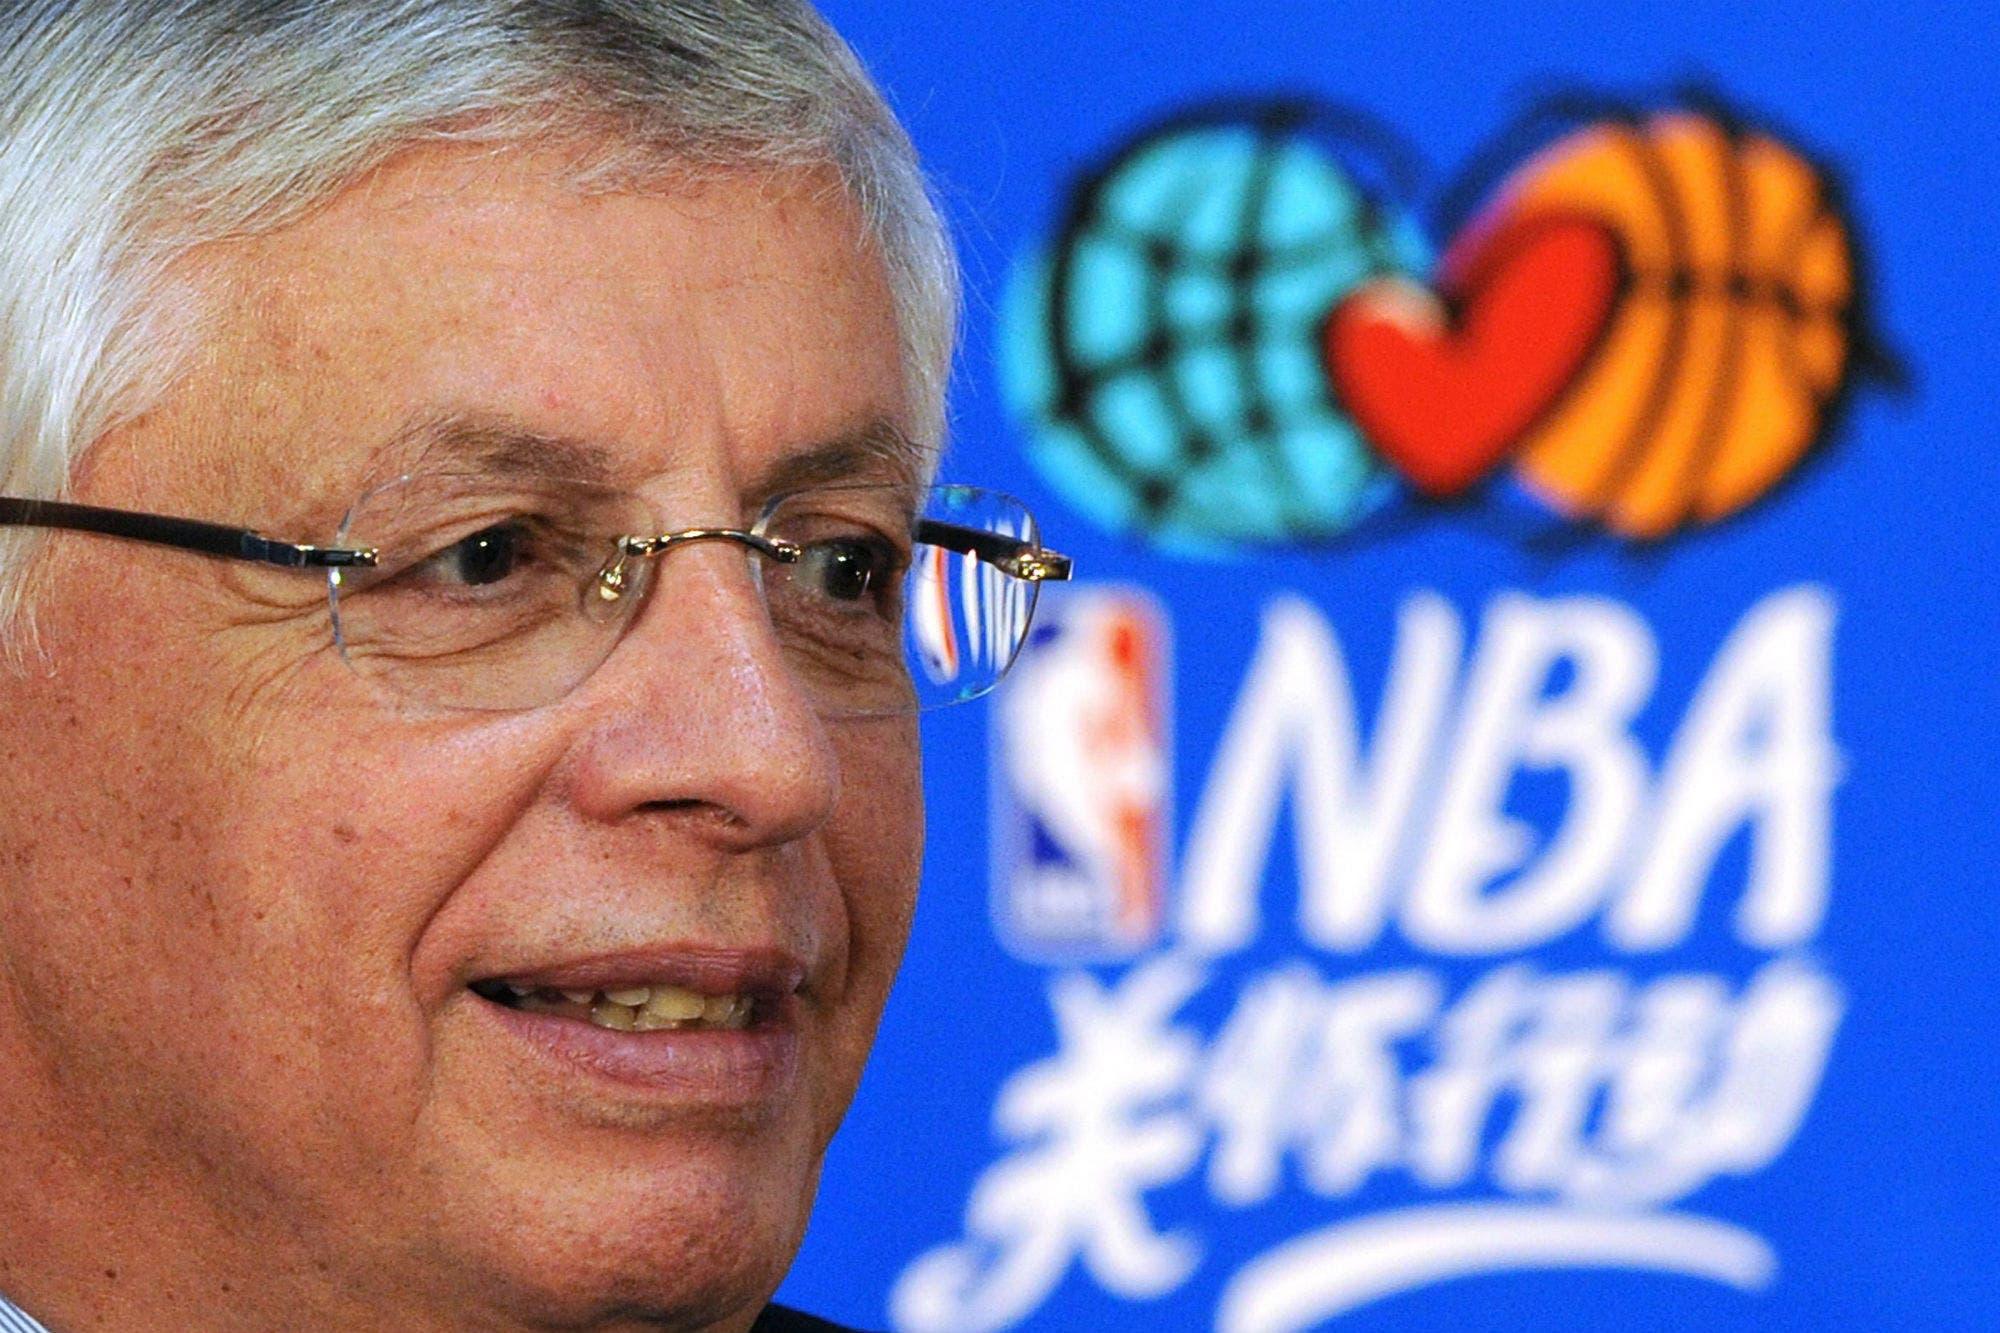 Murió David Stern, el hombre que hizo de la NBA una potencia deportiva mundial